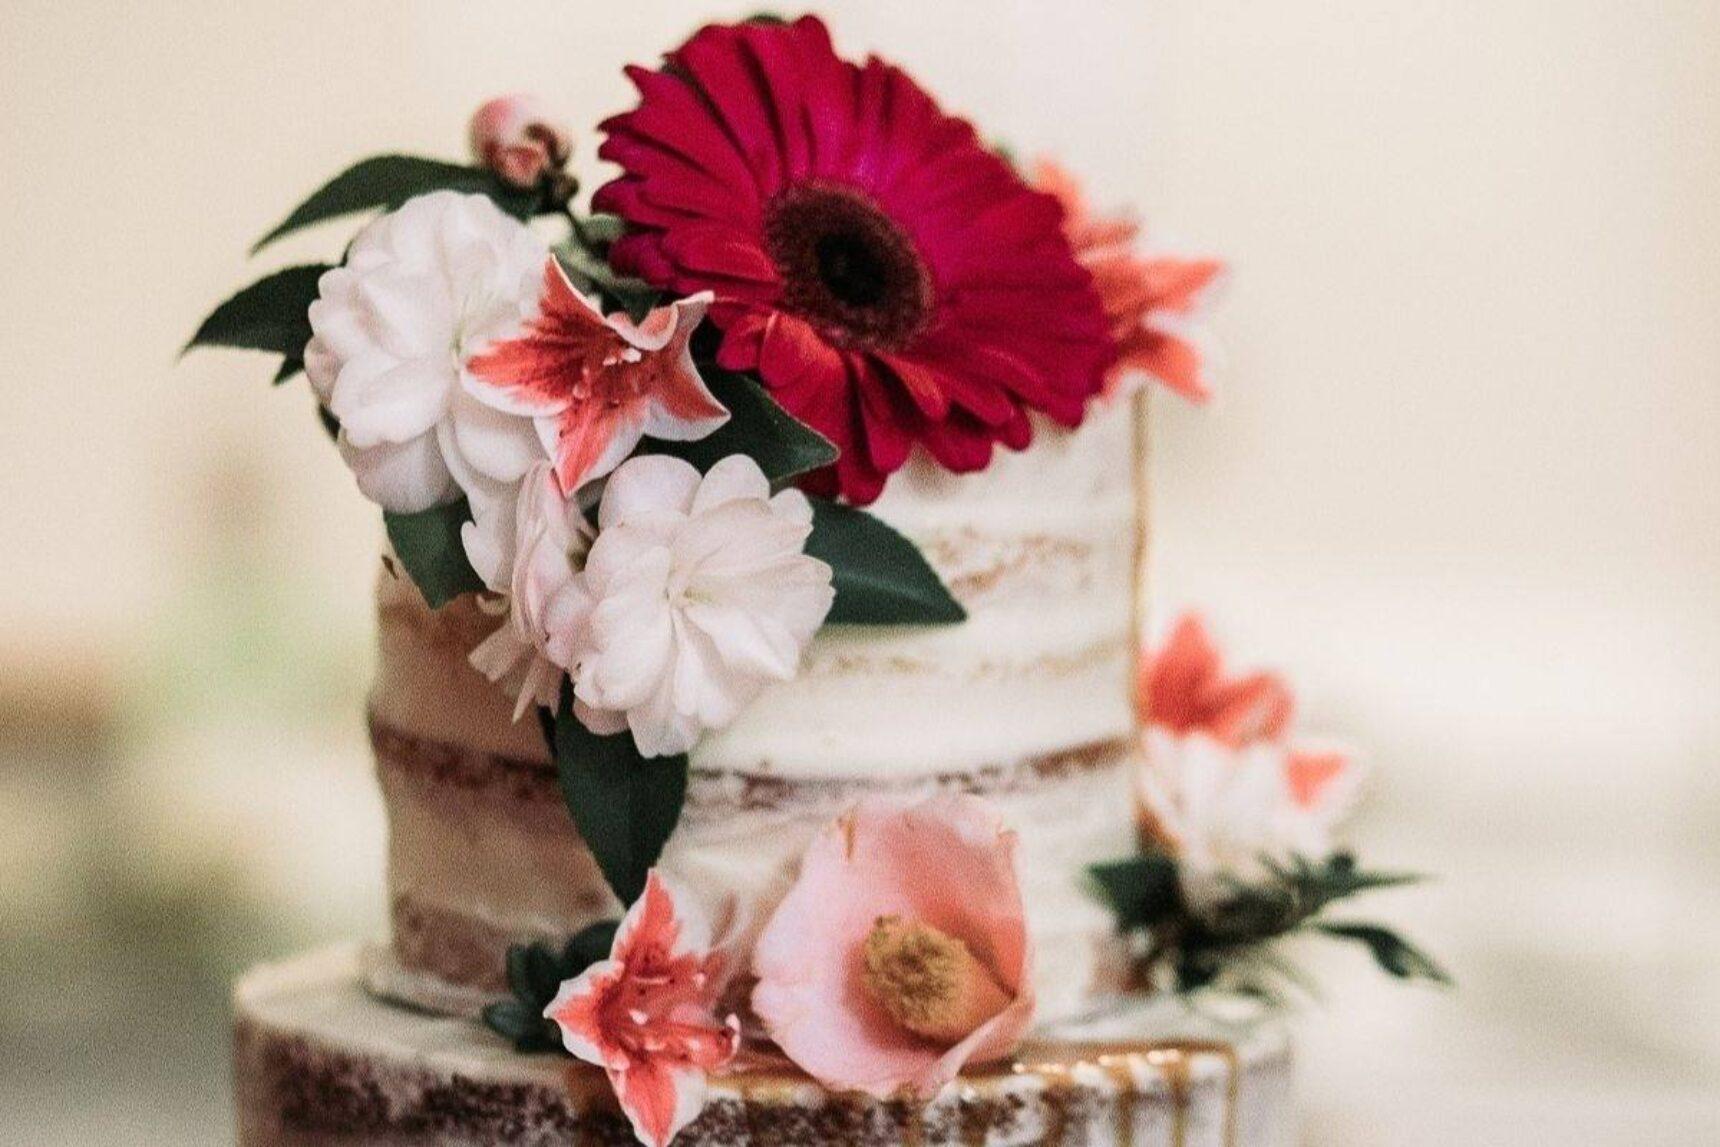 Tort z żywymi kwiatami – jak go udekorować i jakie kwiaty wybrać?